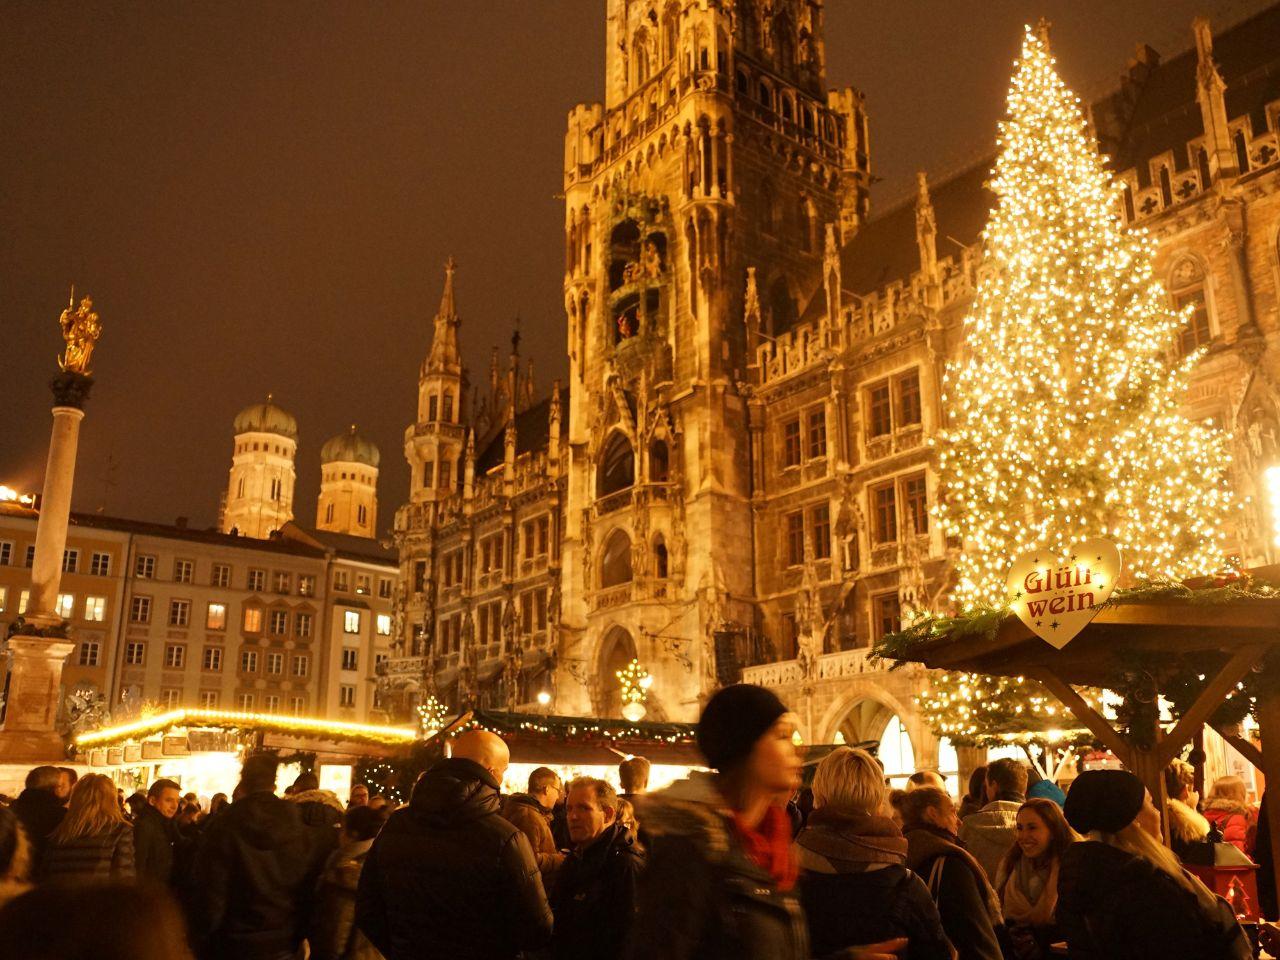 Beginn Weihnachtsmarkt Berlin 2019.Weihnachtsmärkte In München Das Offizielle Stadtportal Muenchen De